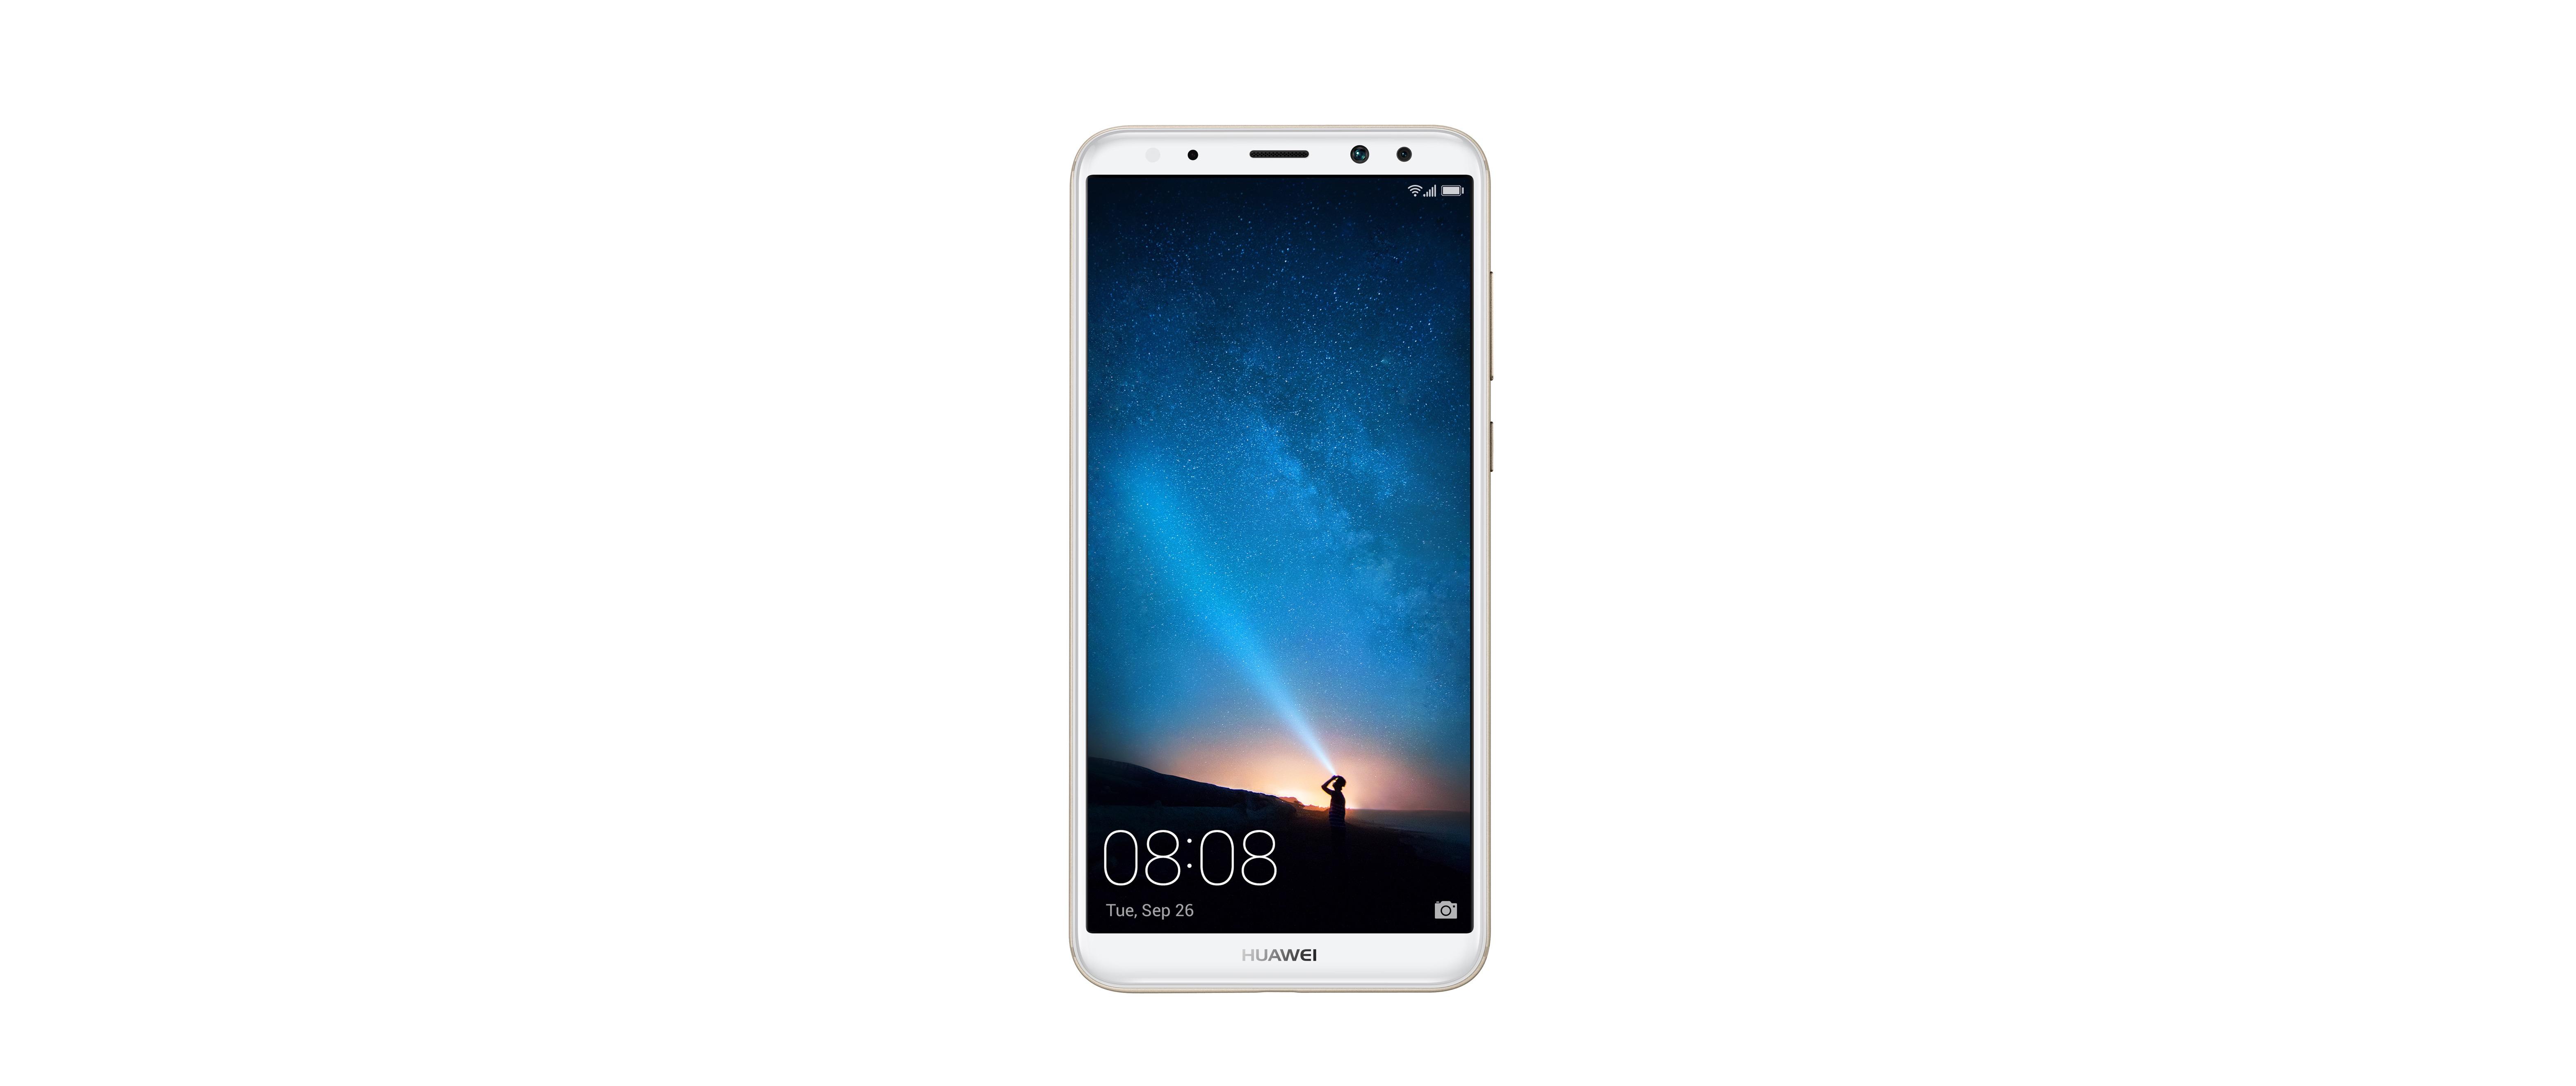 Huawei-Nova-2i-Launch-Event-SpecPhone-00017